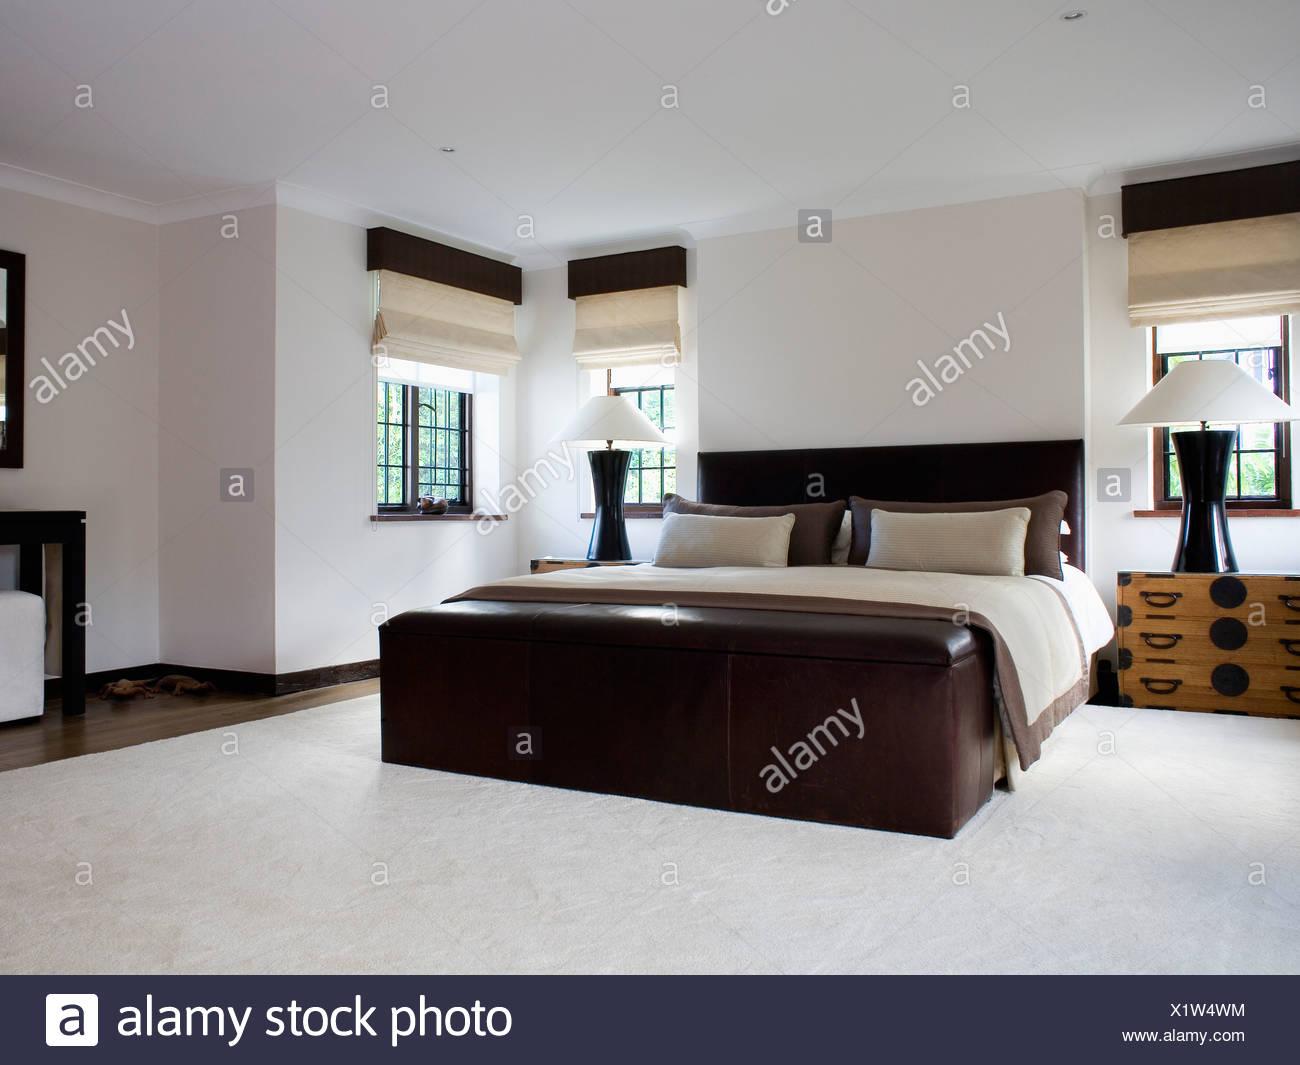 Lit Avec Rangement En Dessous grand coffre de rangement dessous de lit avec crème et